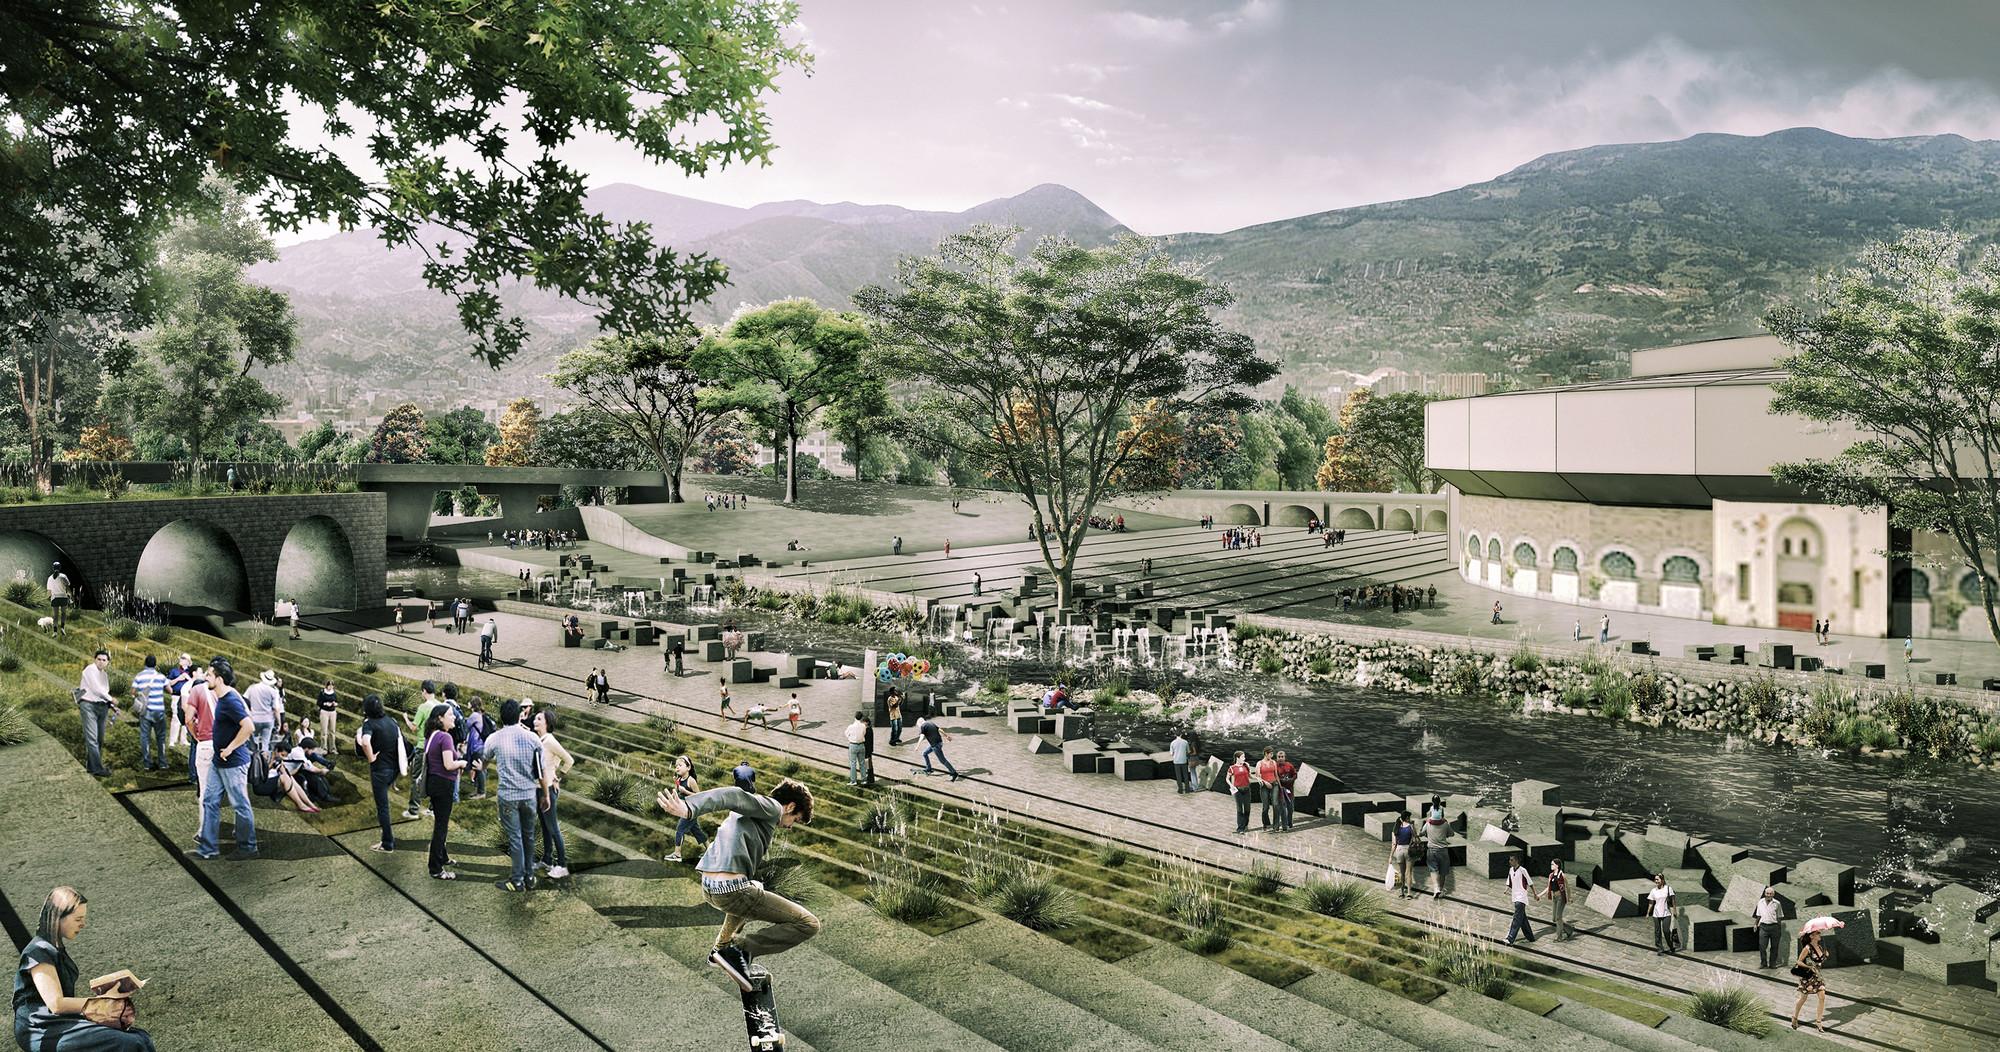 Segundo Lugar Concurso Público Internacional de Anteproyectos Parque del Río en la ciudad de Medellín, Zona Macarena. Image Courtesy of Equipo Segundo Lugar